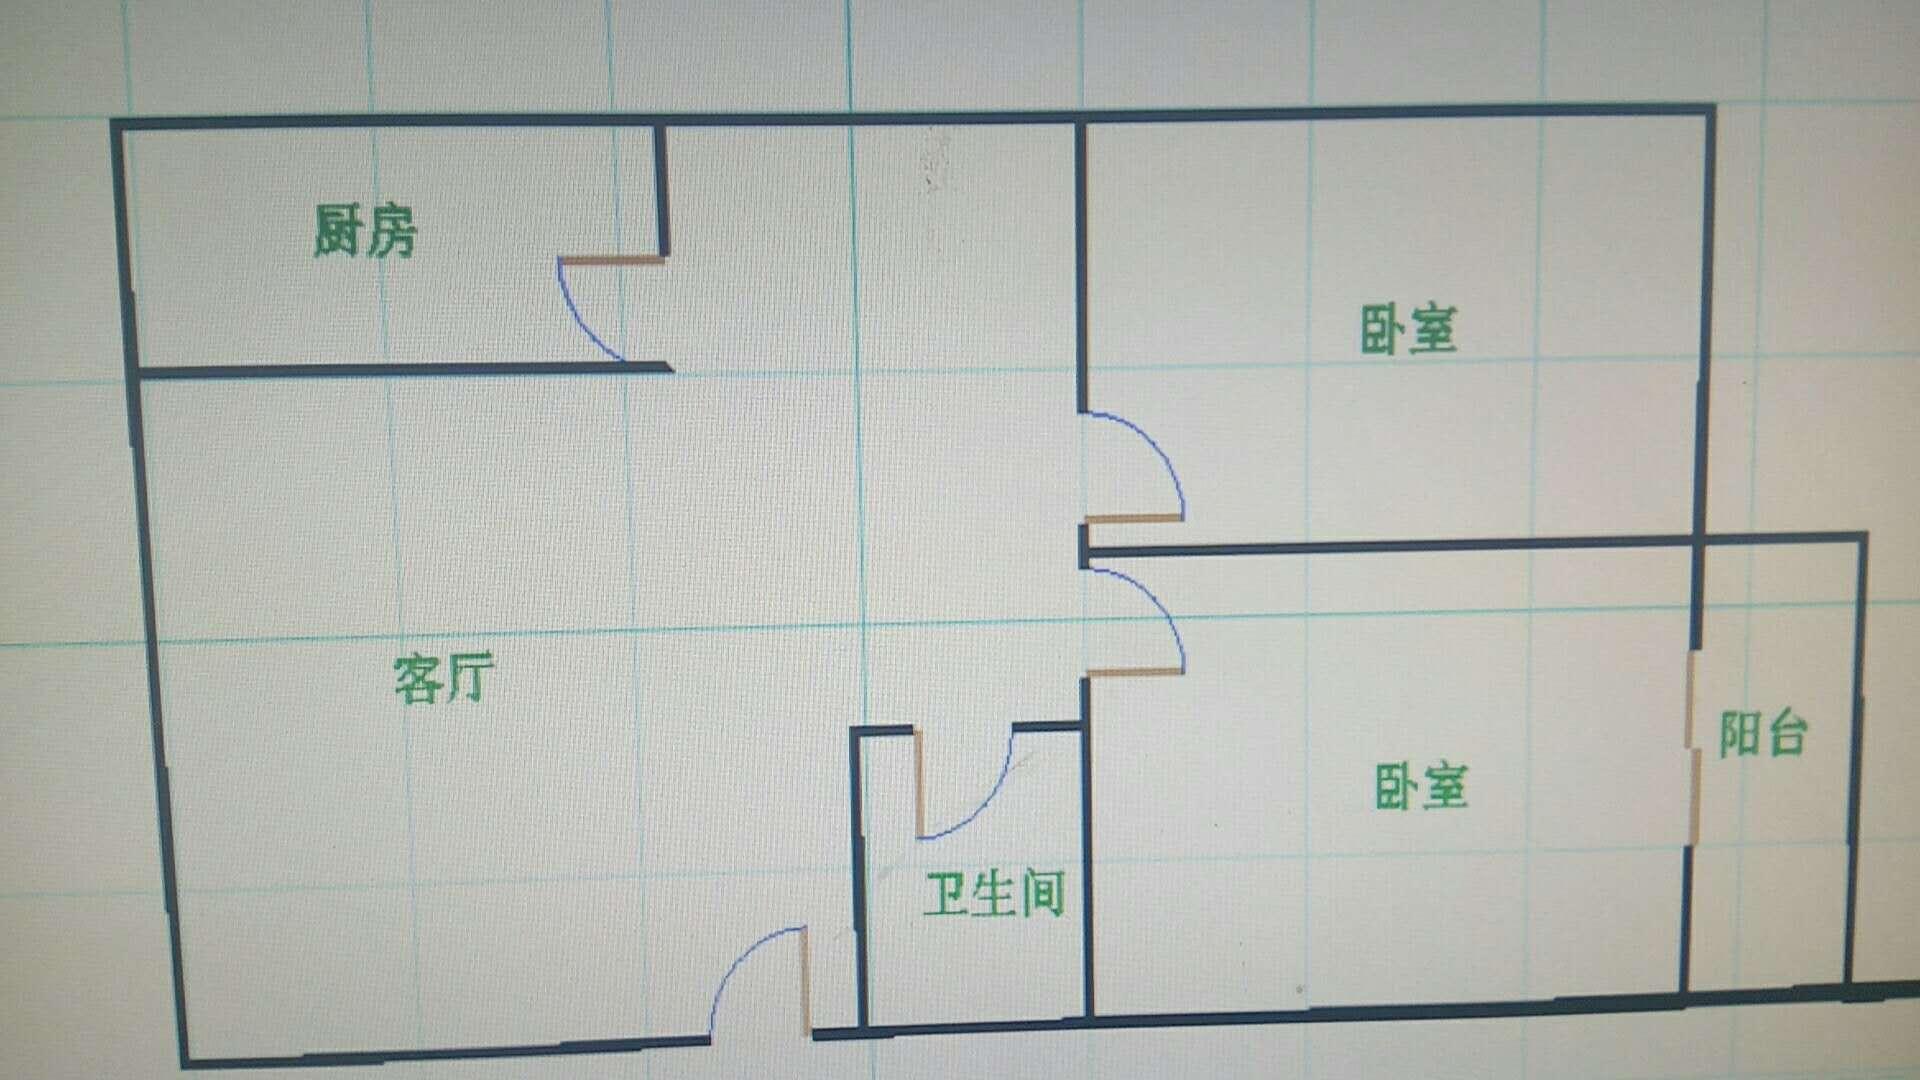 岔河紫薇园 2室2厅 4楼